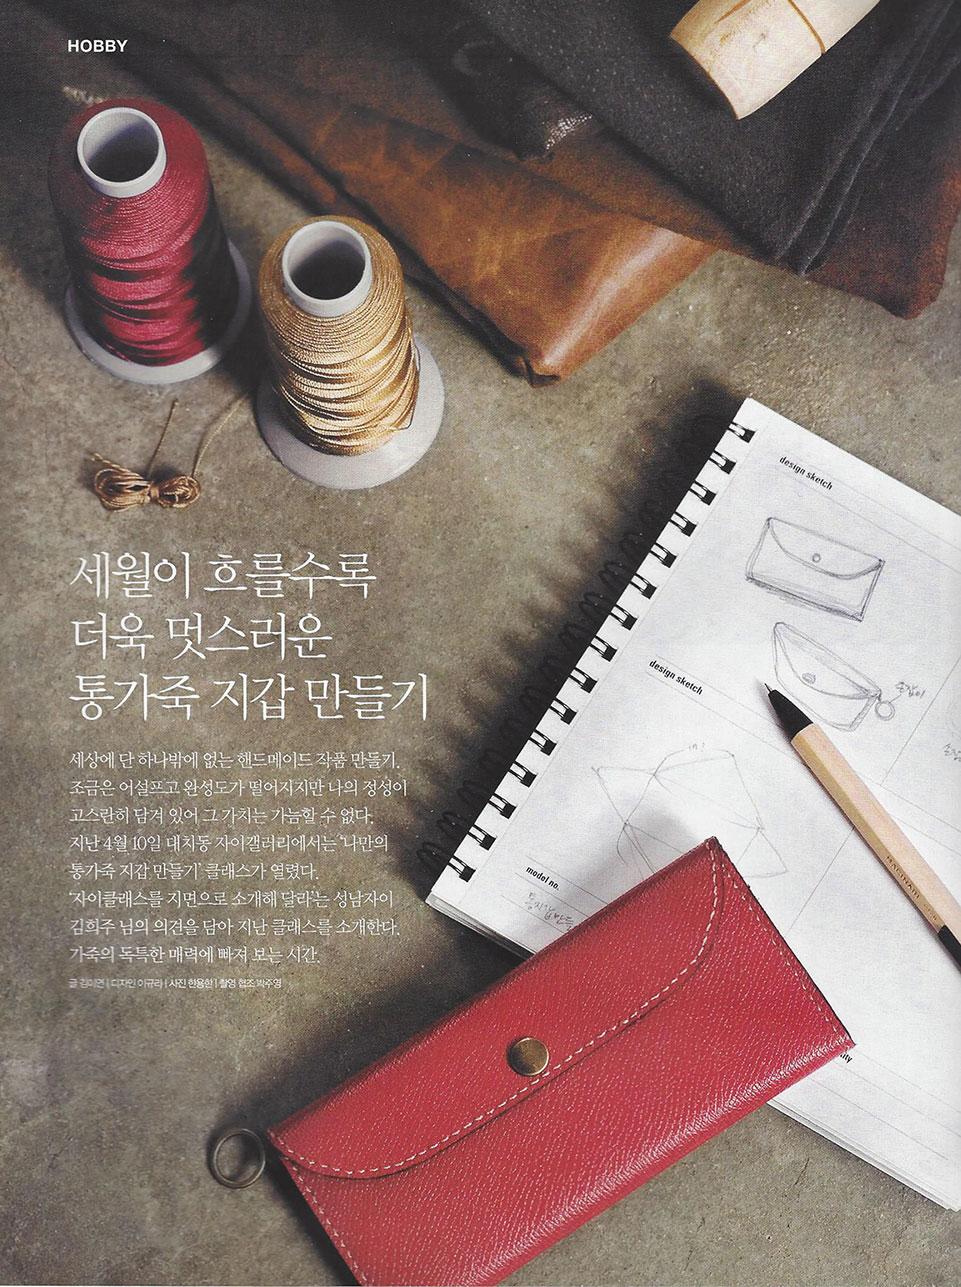 자이 – 2009년 봄 기사 '가죽지갑 만들기'